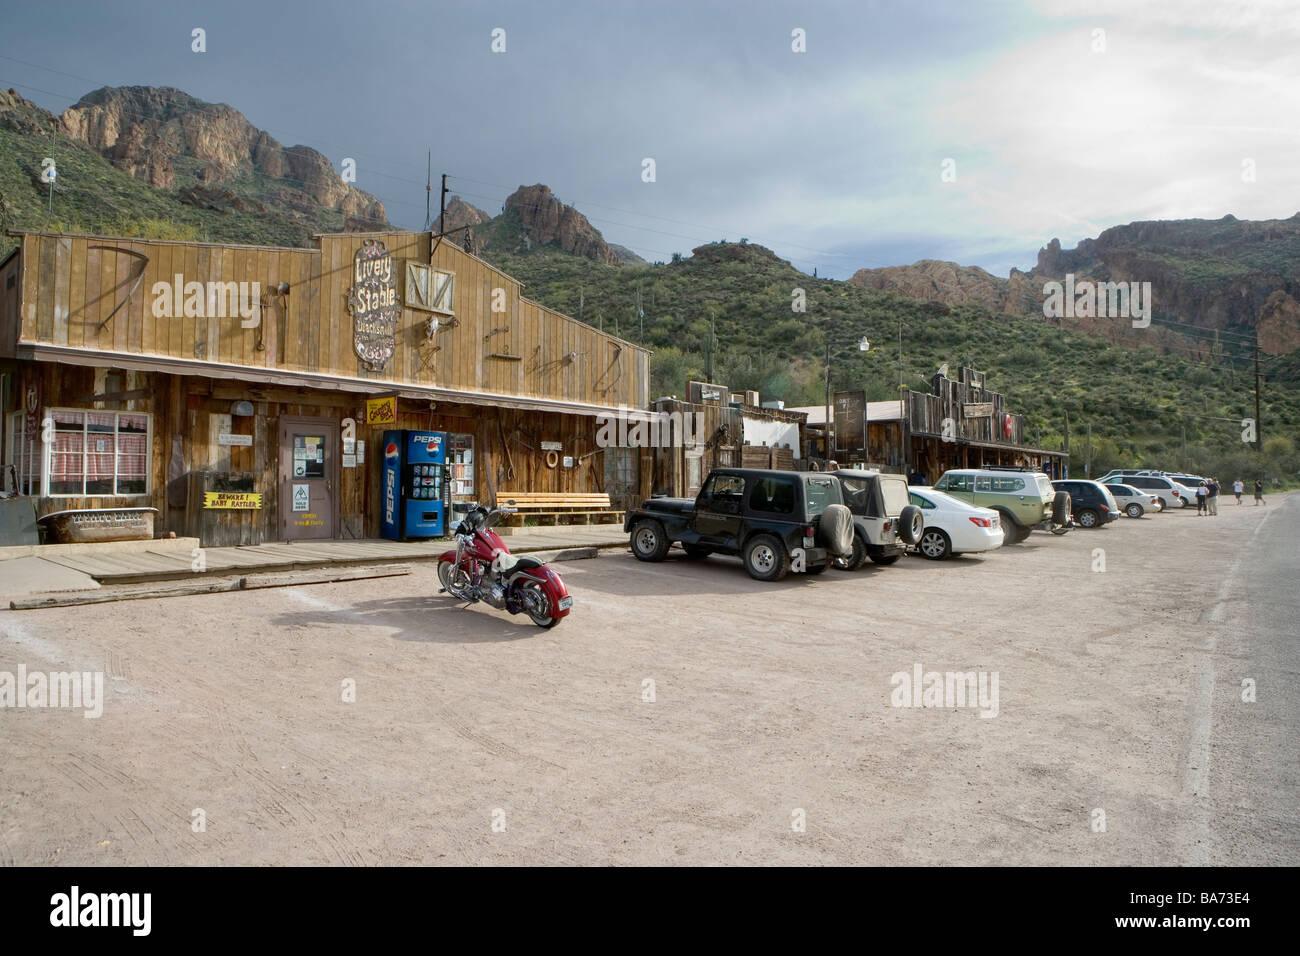 Tortilla Flat è un autentico superstiti di un vecchio west town situato nel mezzo del Tonto National Forest Immagini Stock